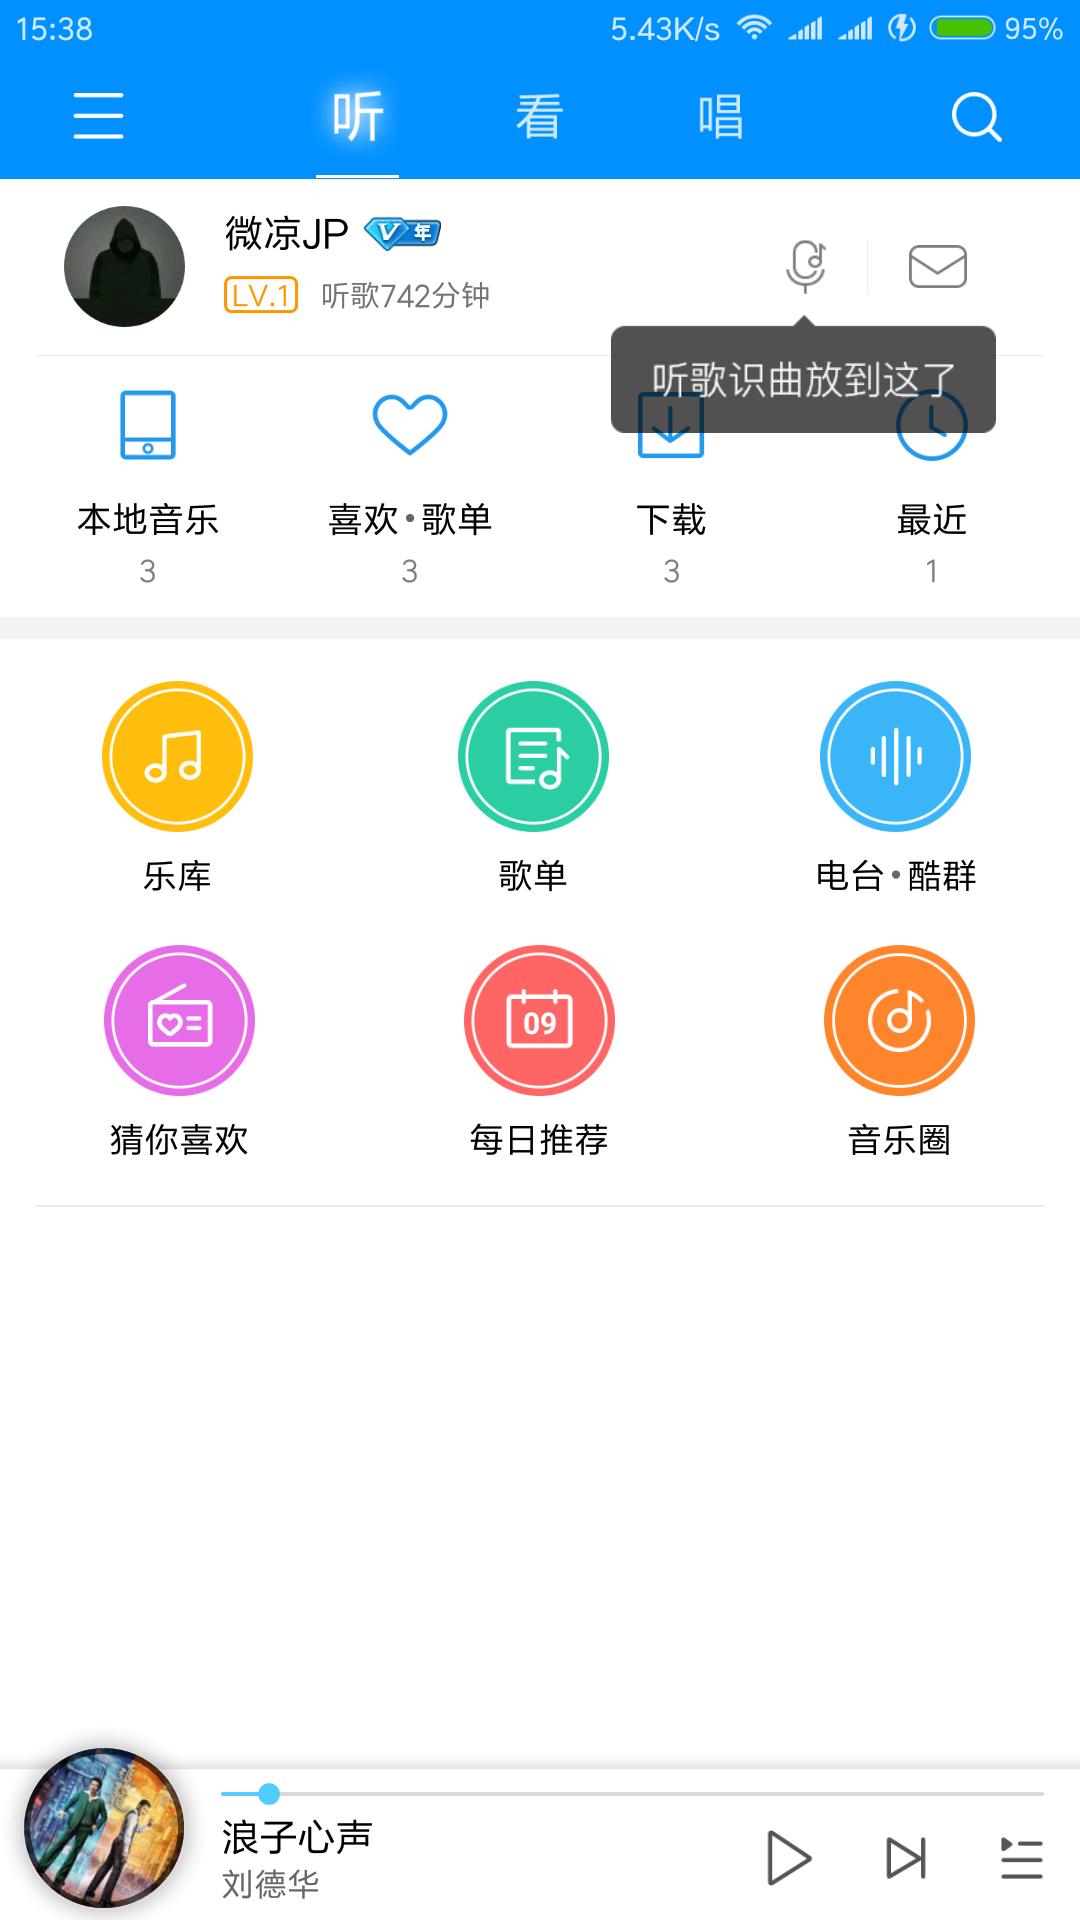 Screenshot_2017-10-09-15-38-49-133_com.kugou.andr.png